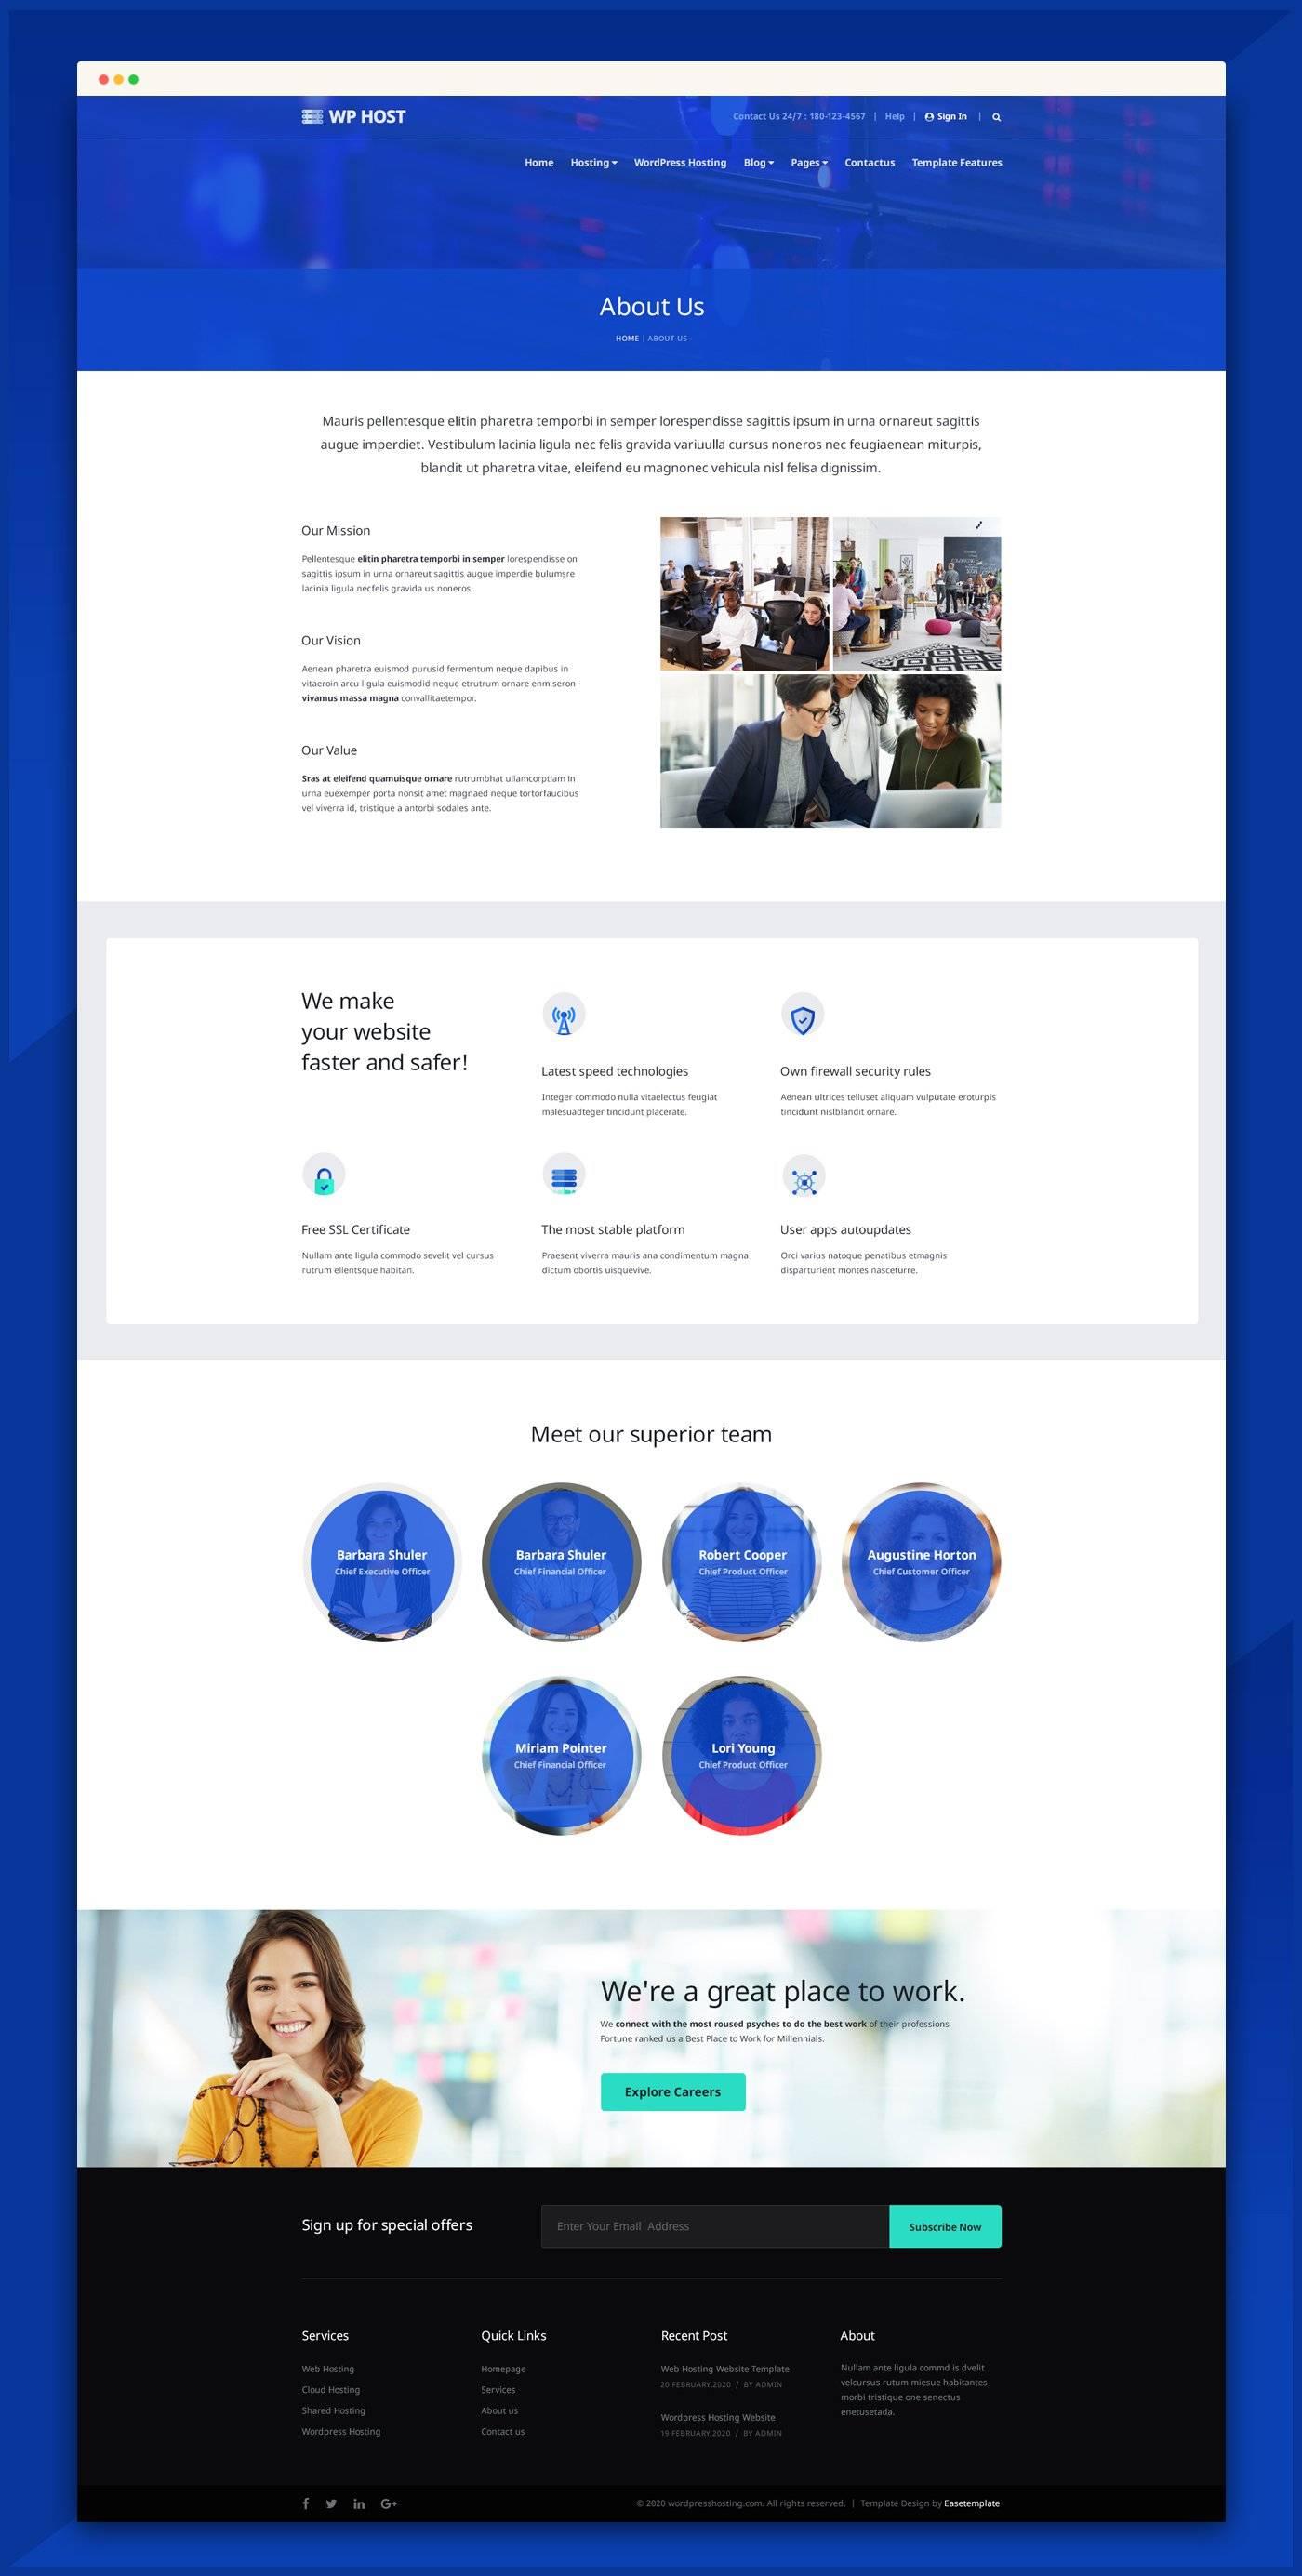 网站托管服务网站模板 psd素材下载 网页模板-第4张